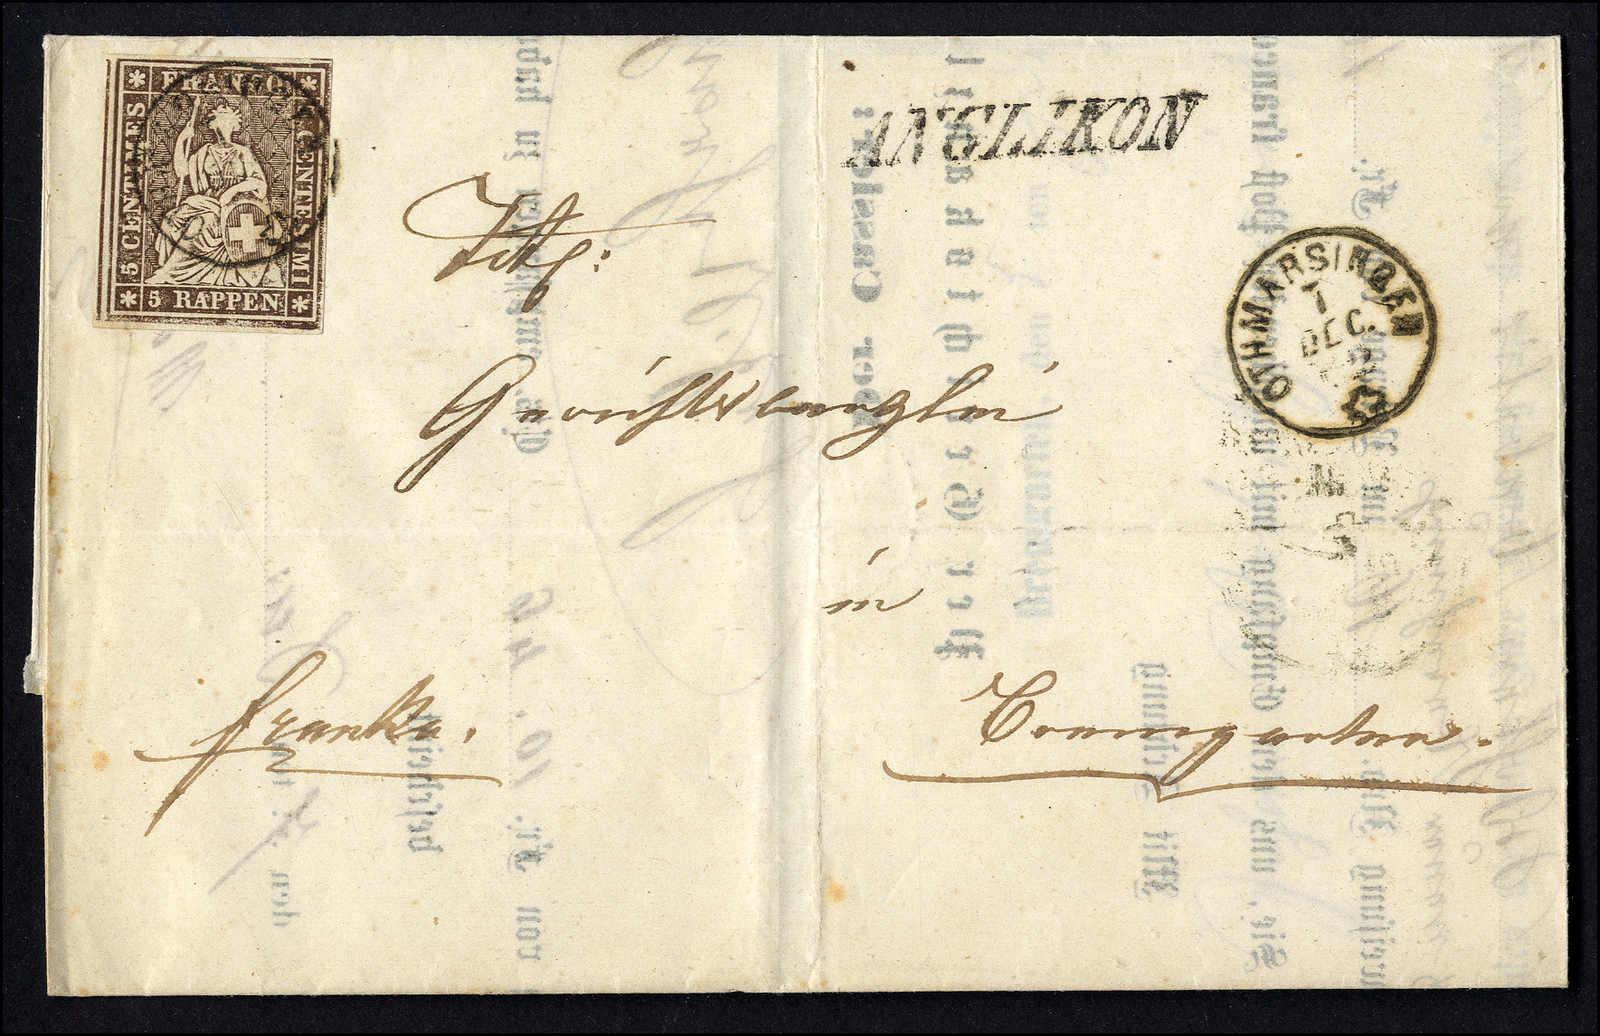 Lot 75 - sammlungen und posten sammlungen und posten altschweiz -  Rolli Auctions Auction #68 Day 1